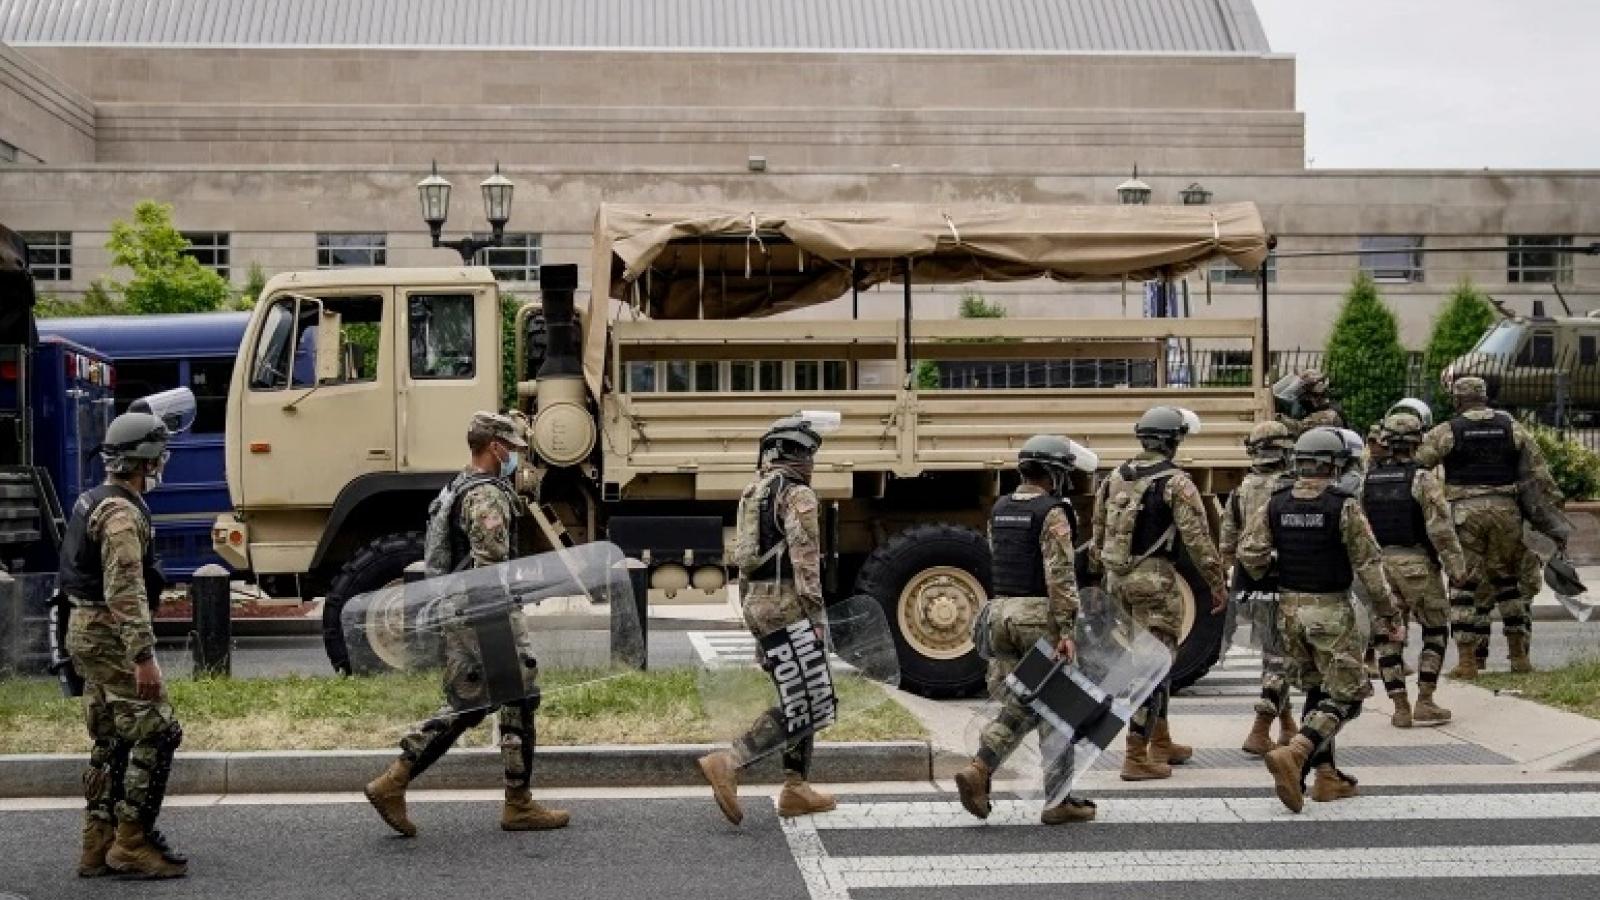 Thủ đô Washington yêu cầu Tổng thống Trump rút quân khỏi đây